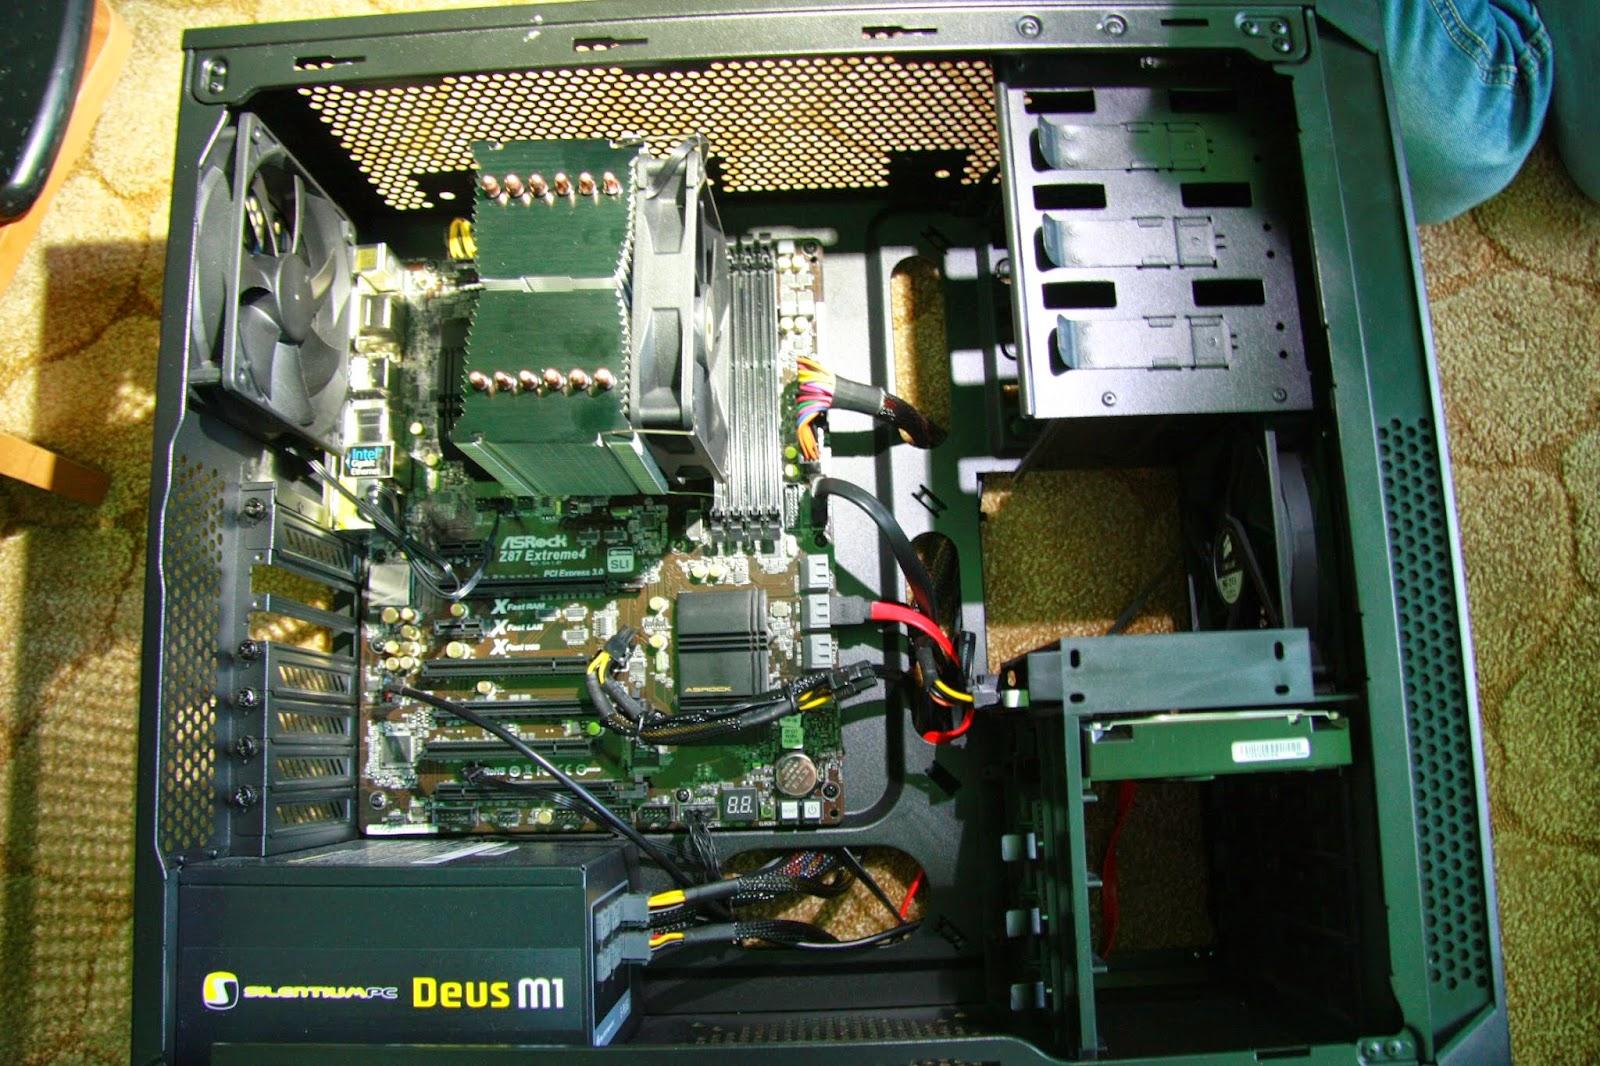 Fortis2 zamontowany na procesorze